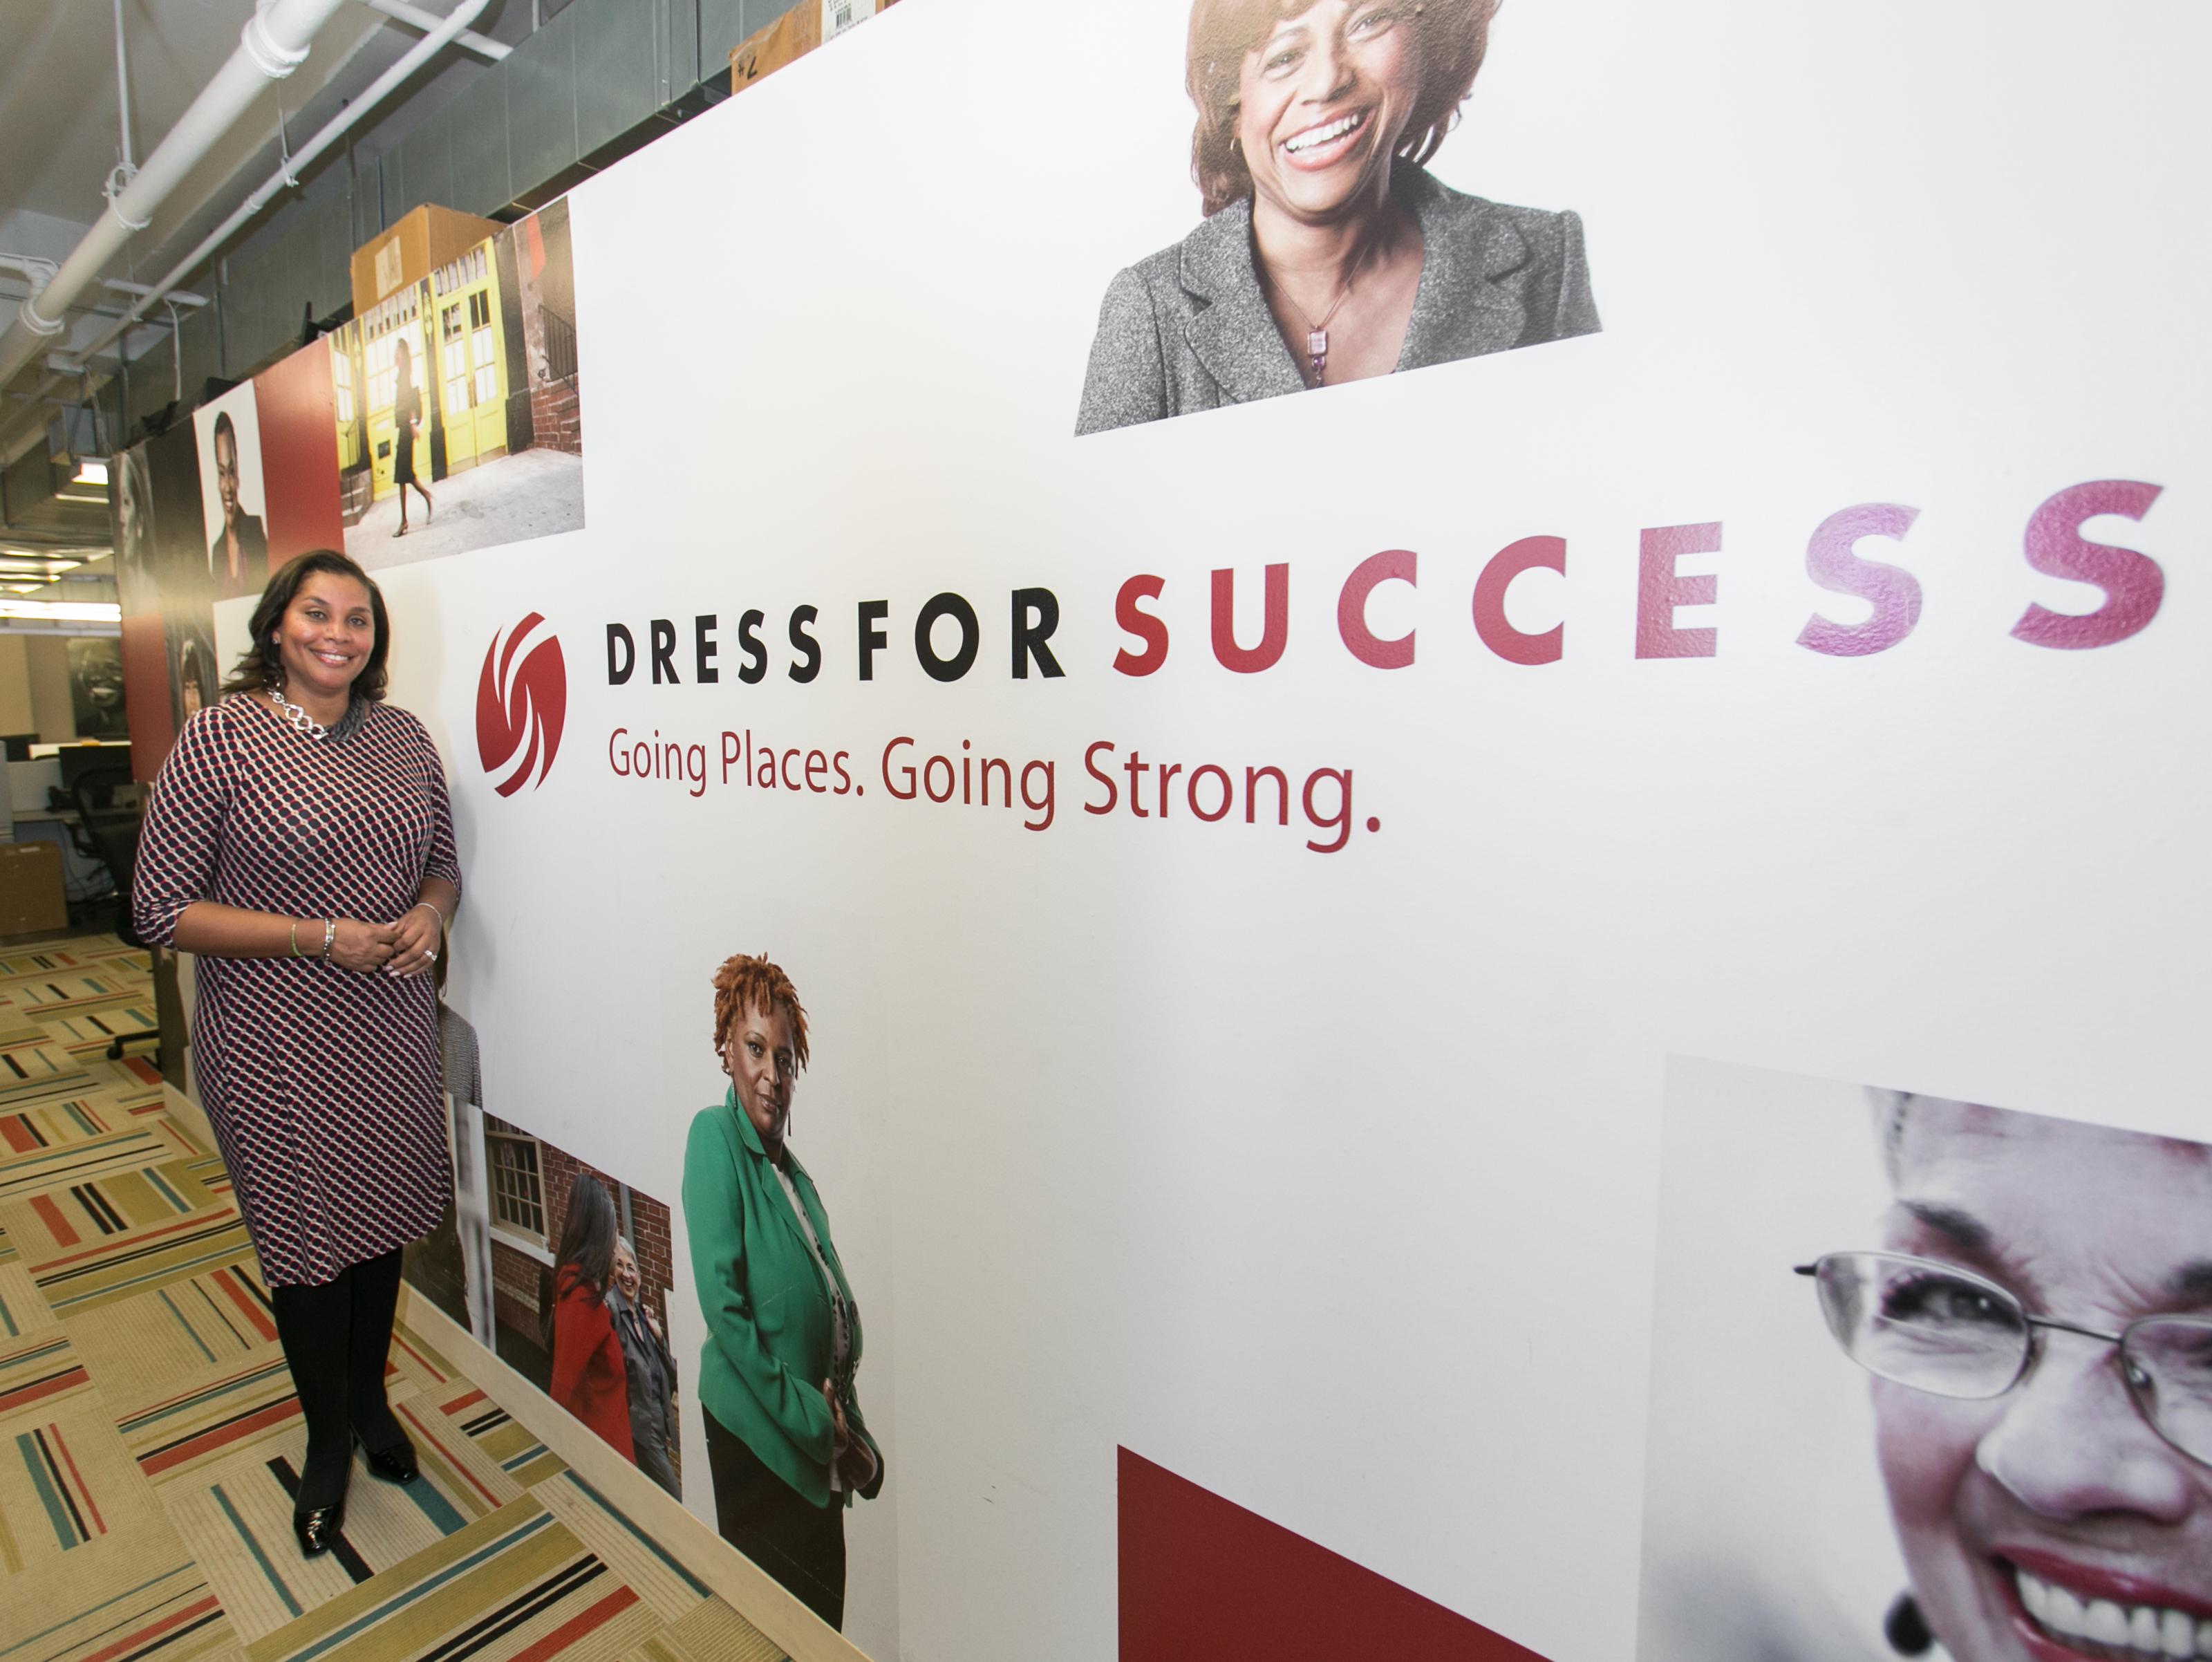 dress for success women